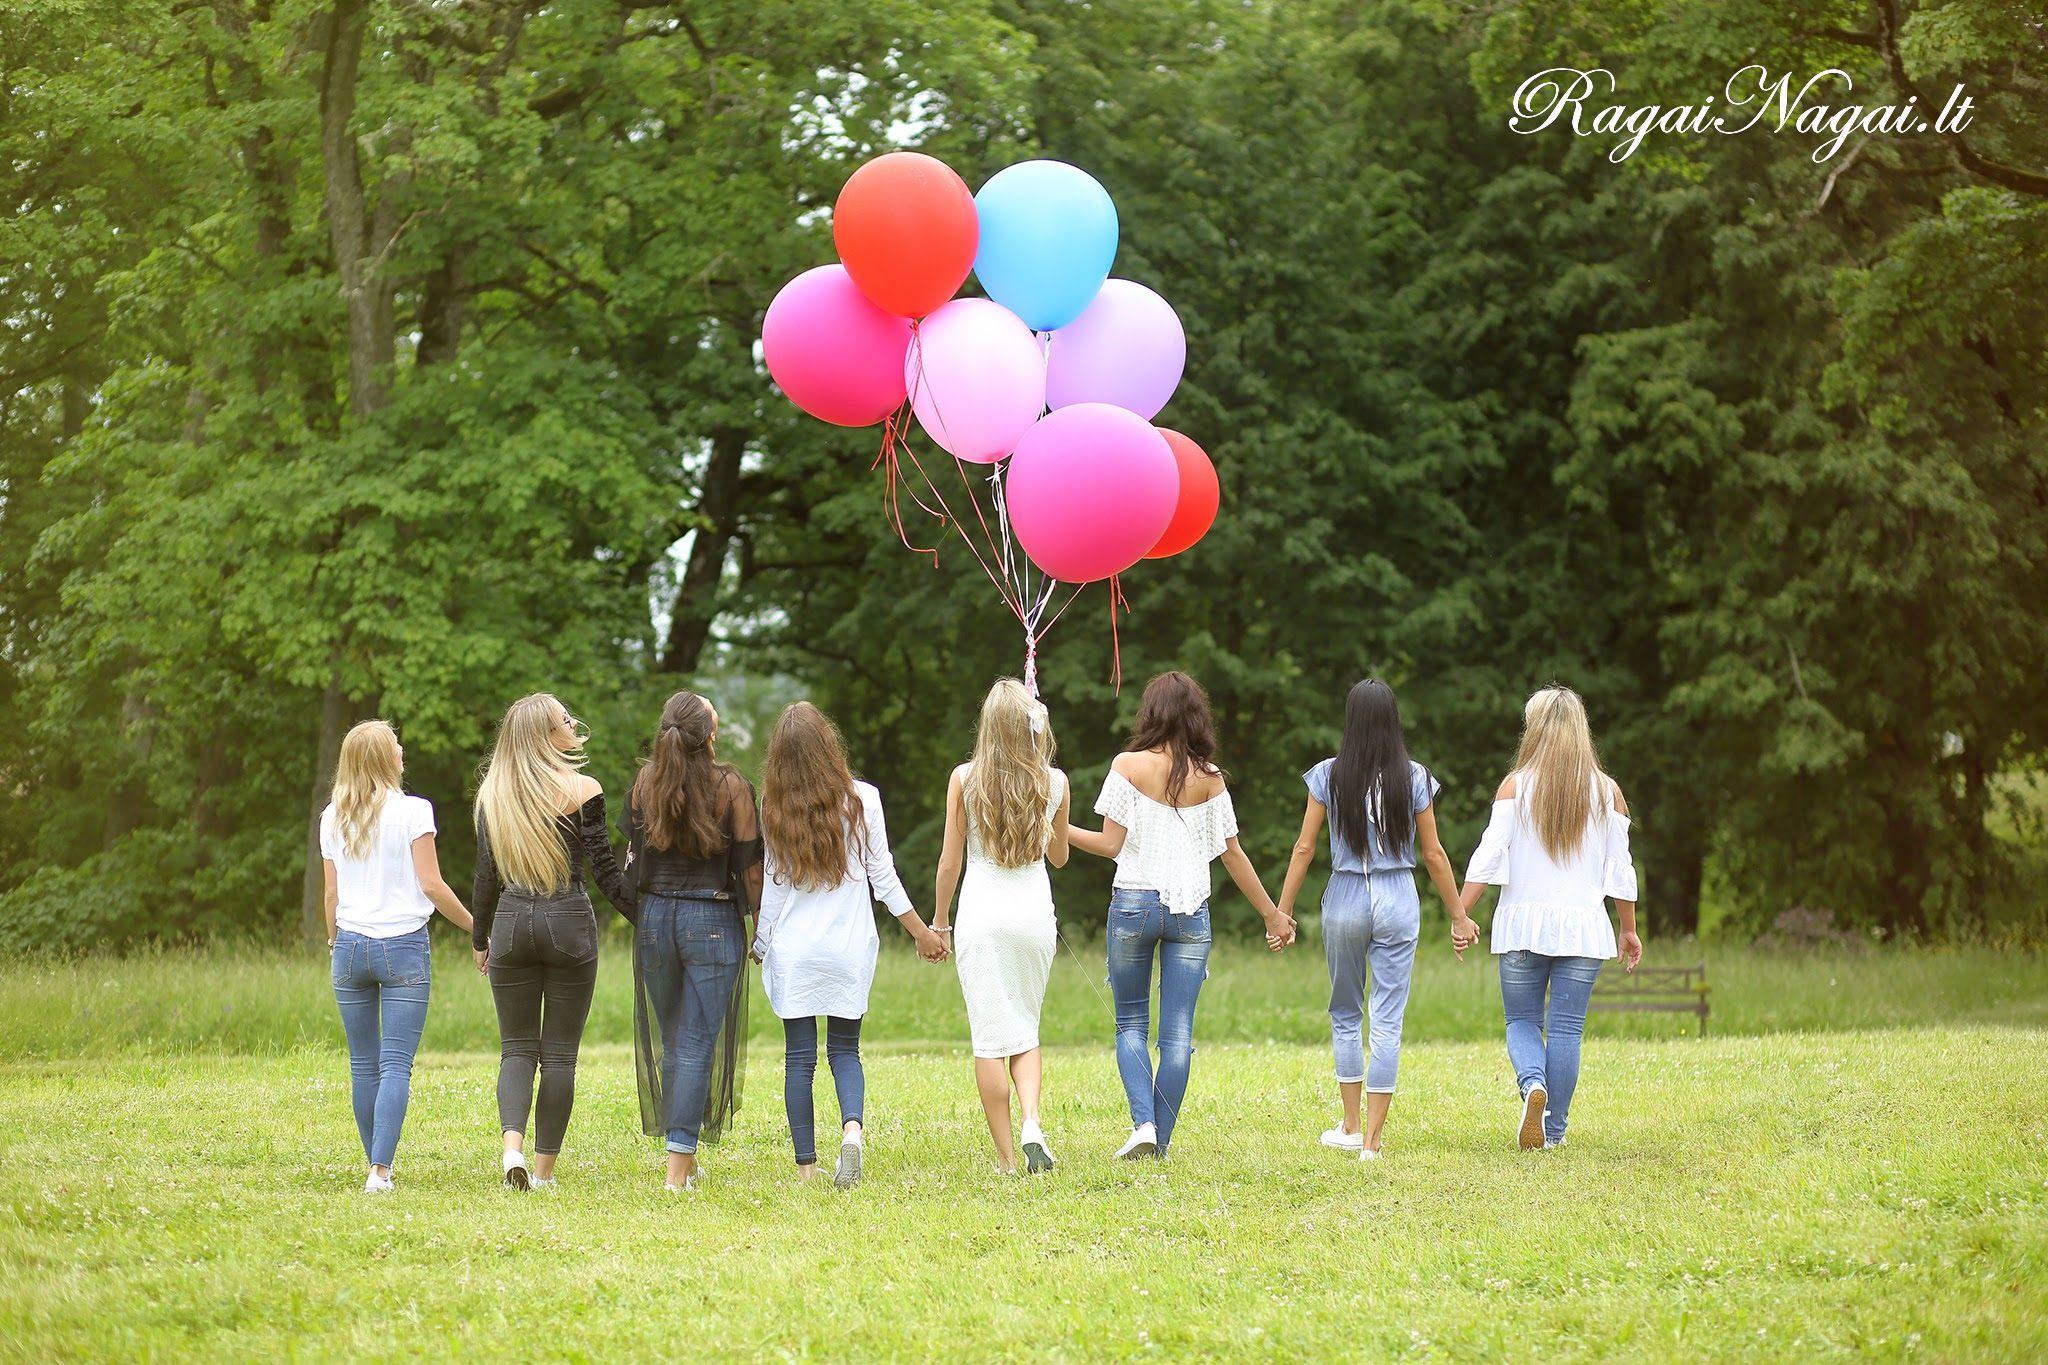 dideli metriniai balionai, svenciu atributika (1)